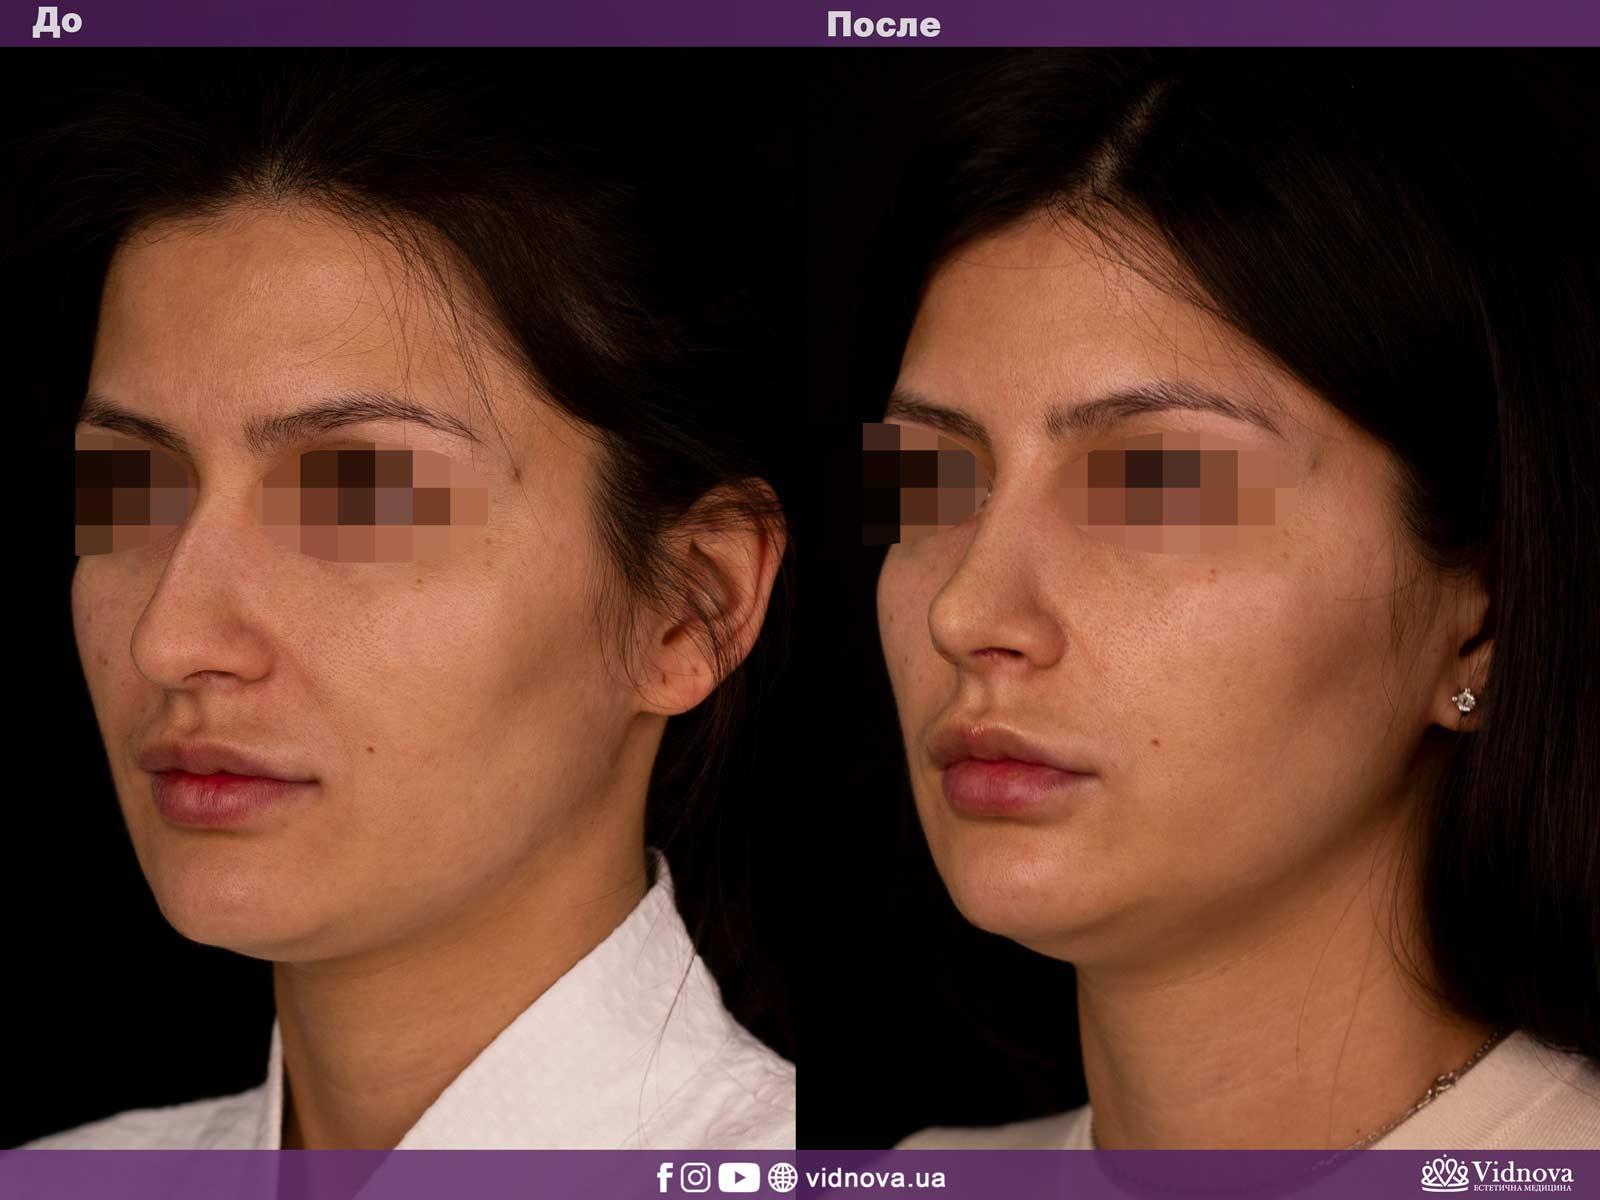 Ринопластика: Фото ДО и ПОСЛЕ - Пример №2-2 - Клиника Vidnova